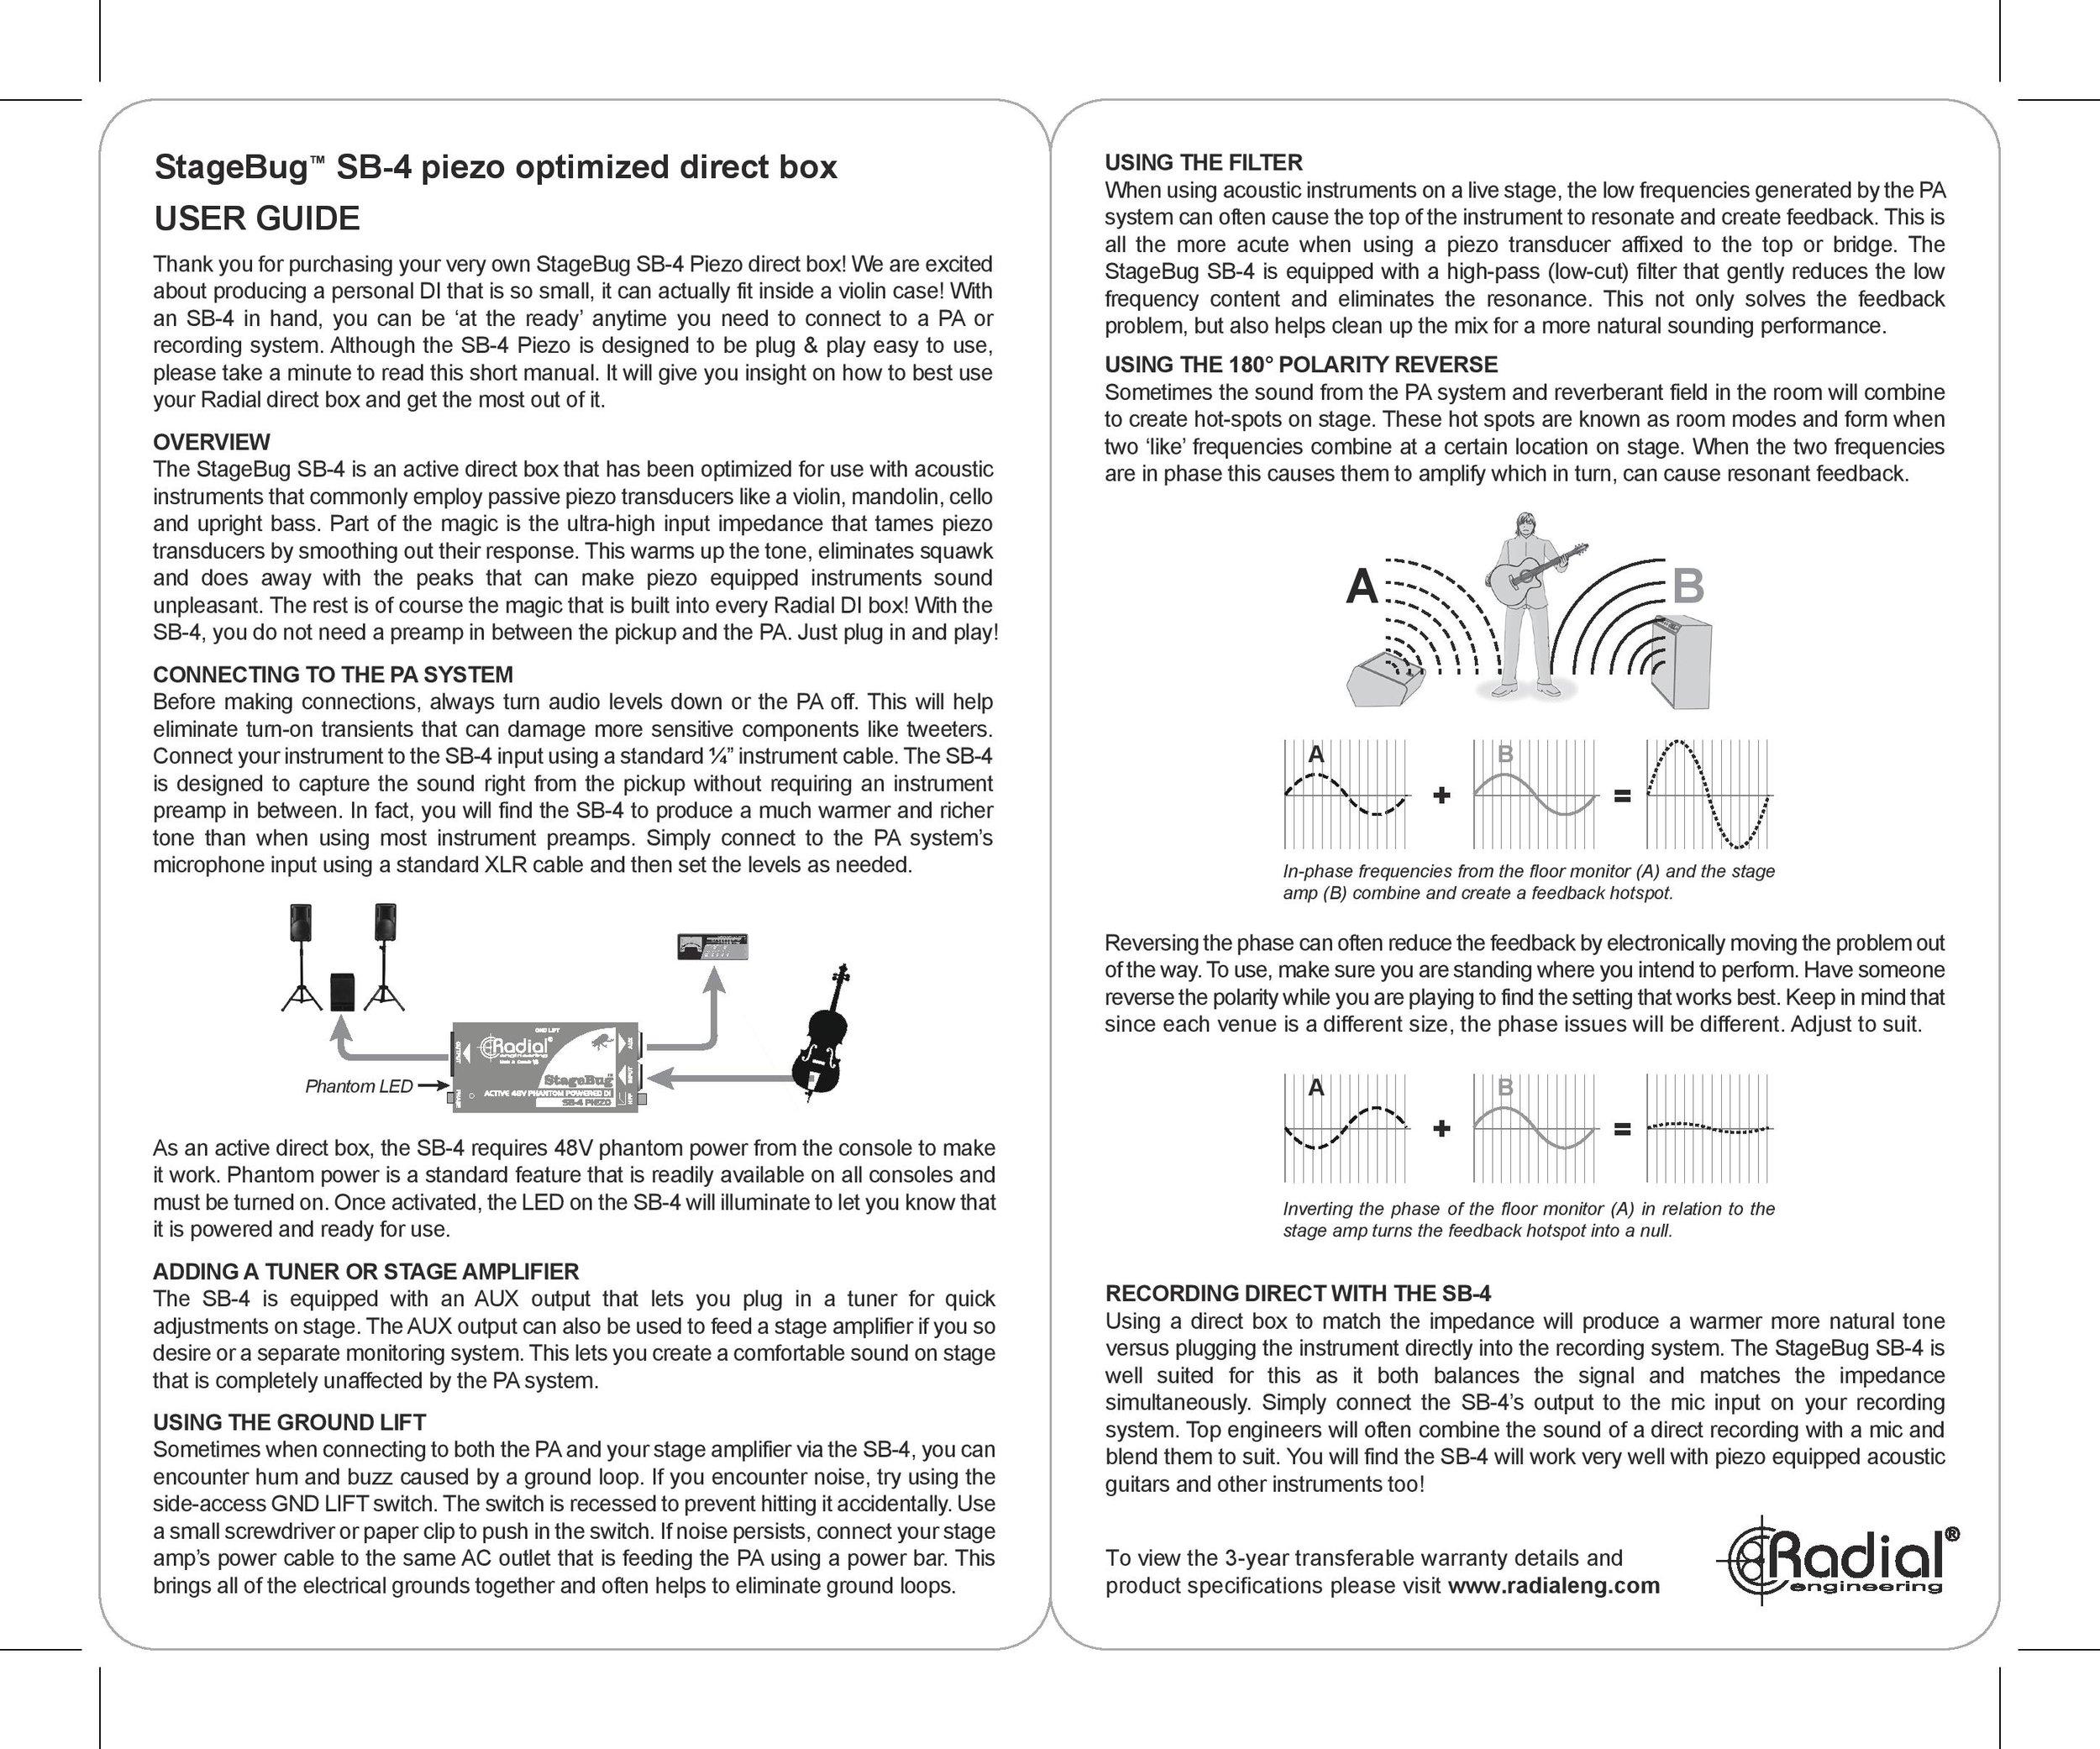 StageBug-SB-4-Piezo-User-Guide-page-001.jpg